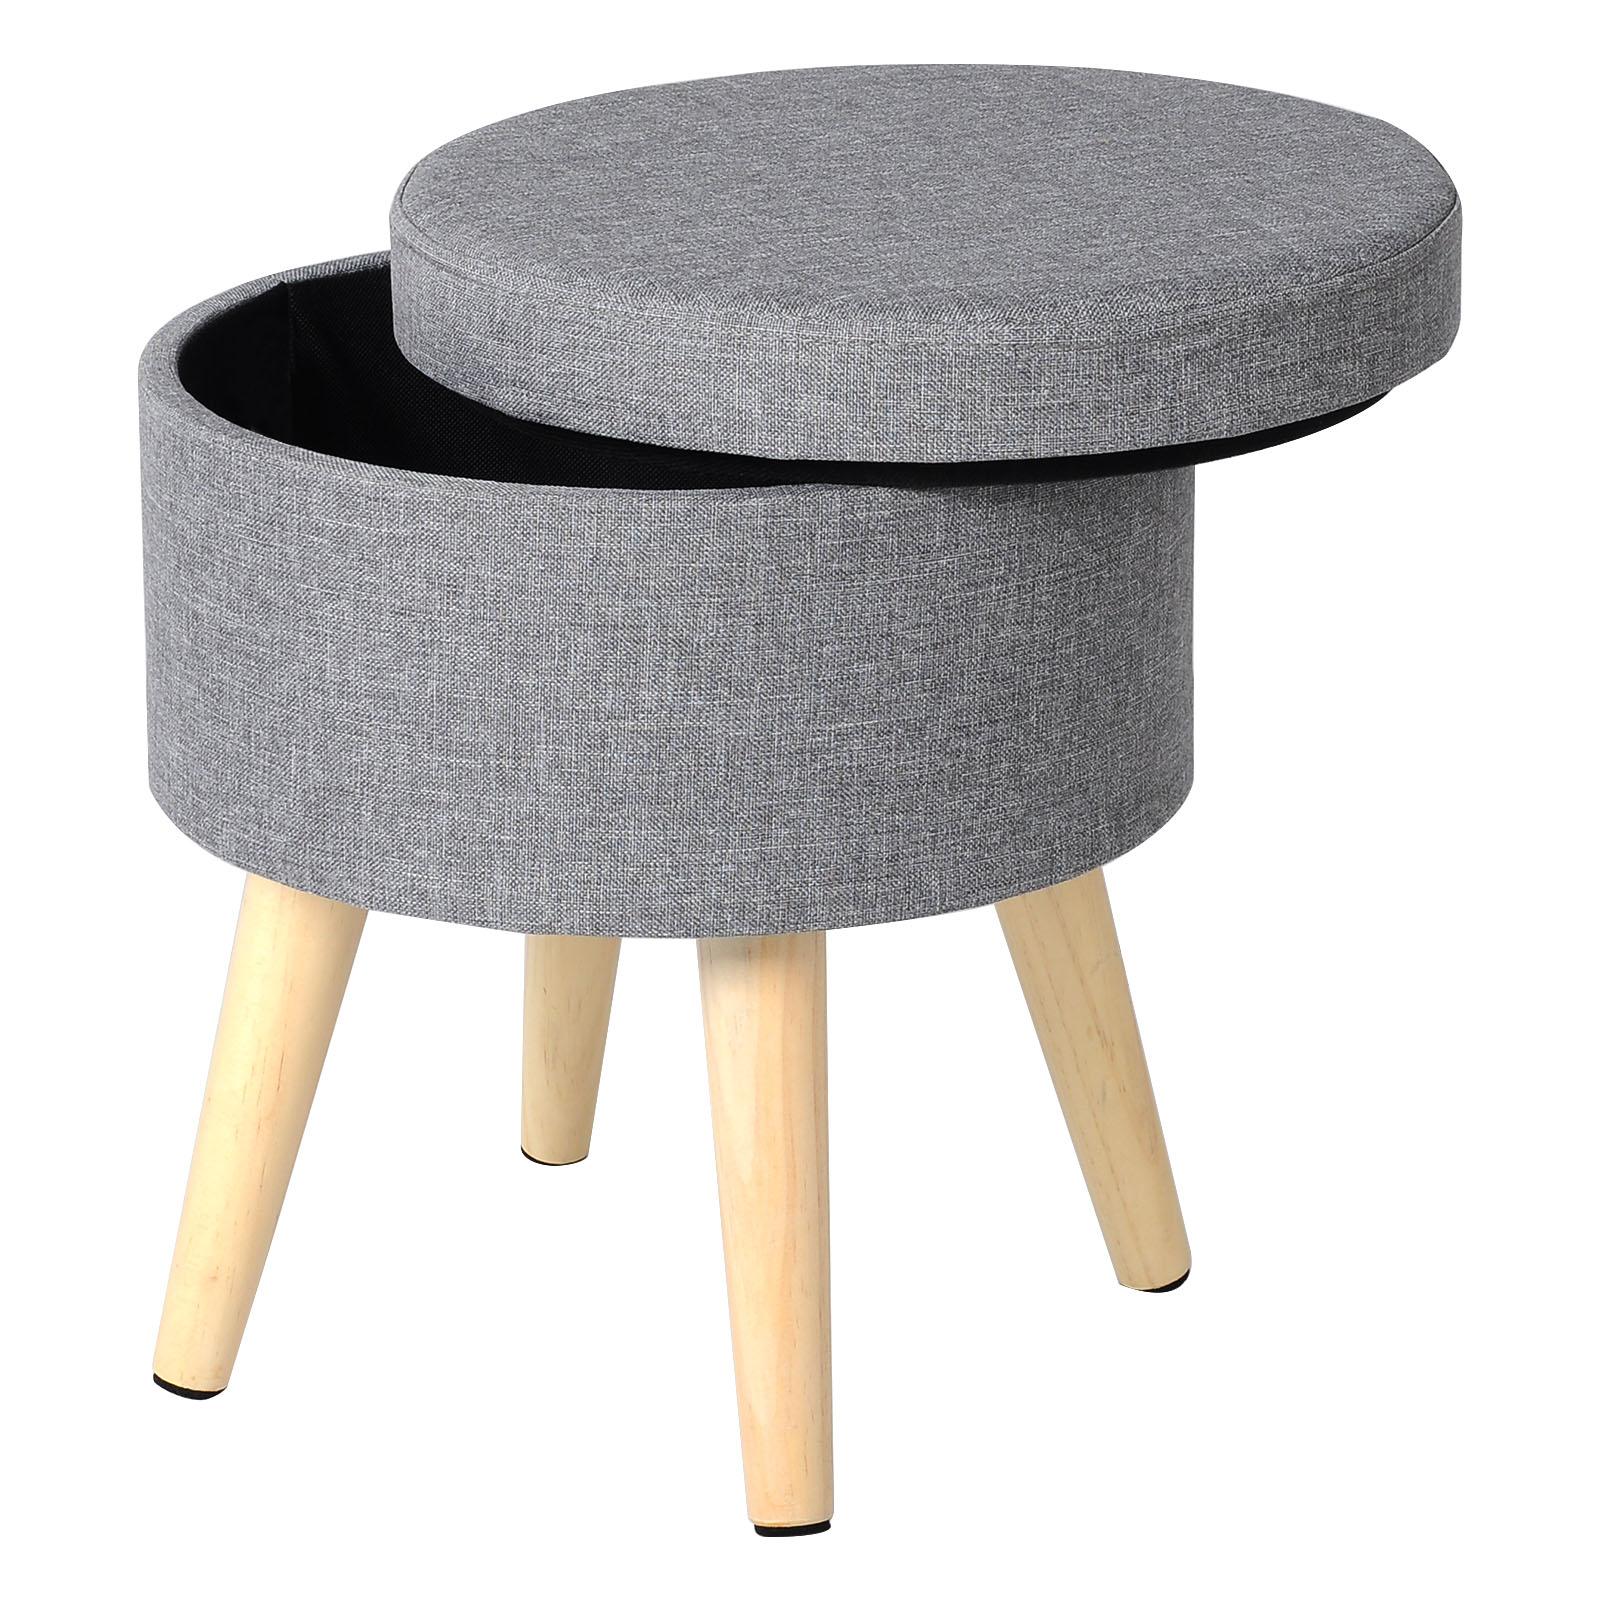 sitzhocker sitzbank mit stauraum fu hocker aufbewahrungsbox sitztruhe stuhl e228 ebay. Black Bedroom Furniture Sets. Home Design Ideas